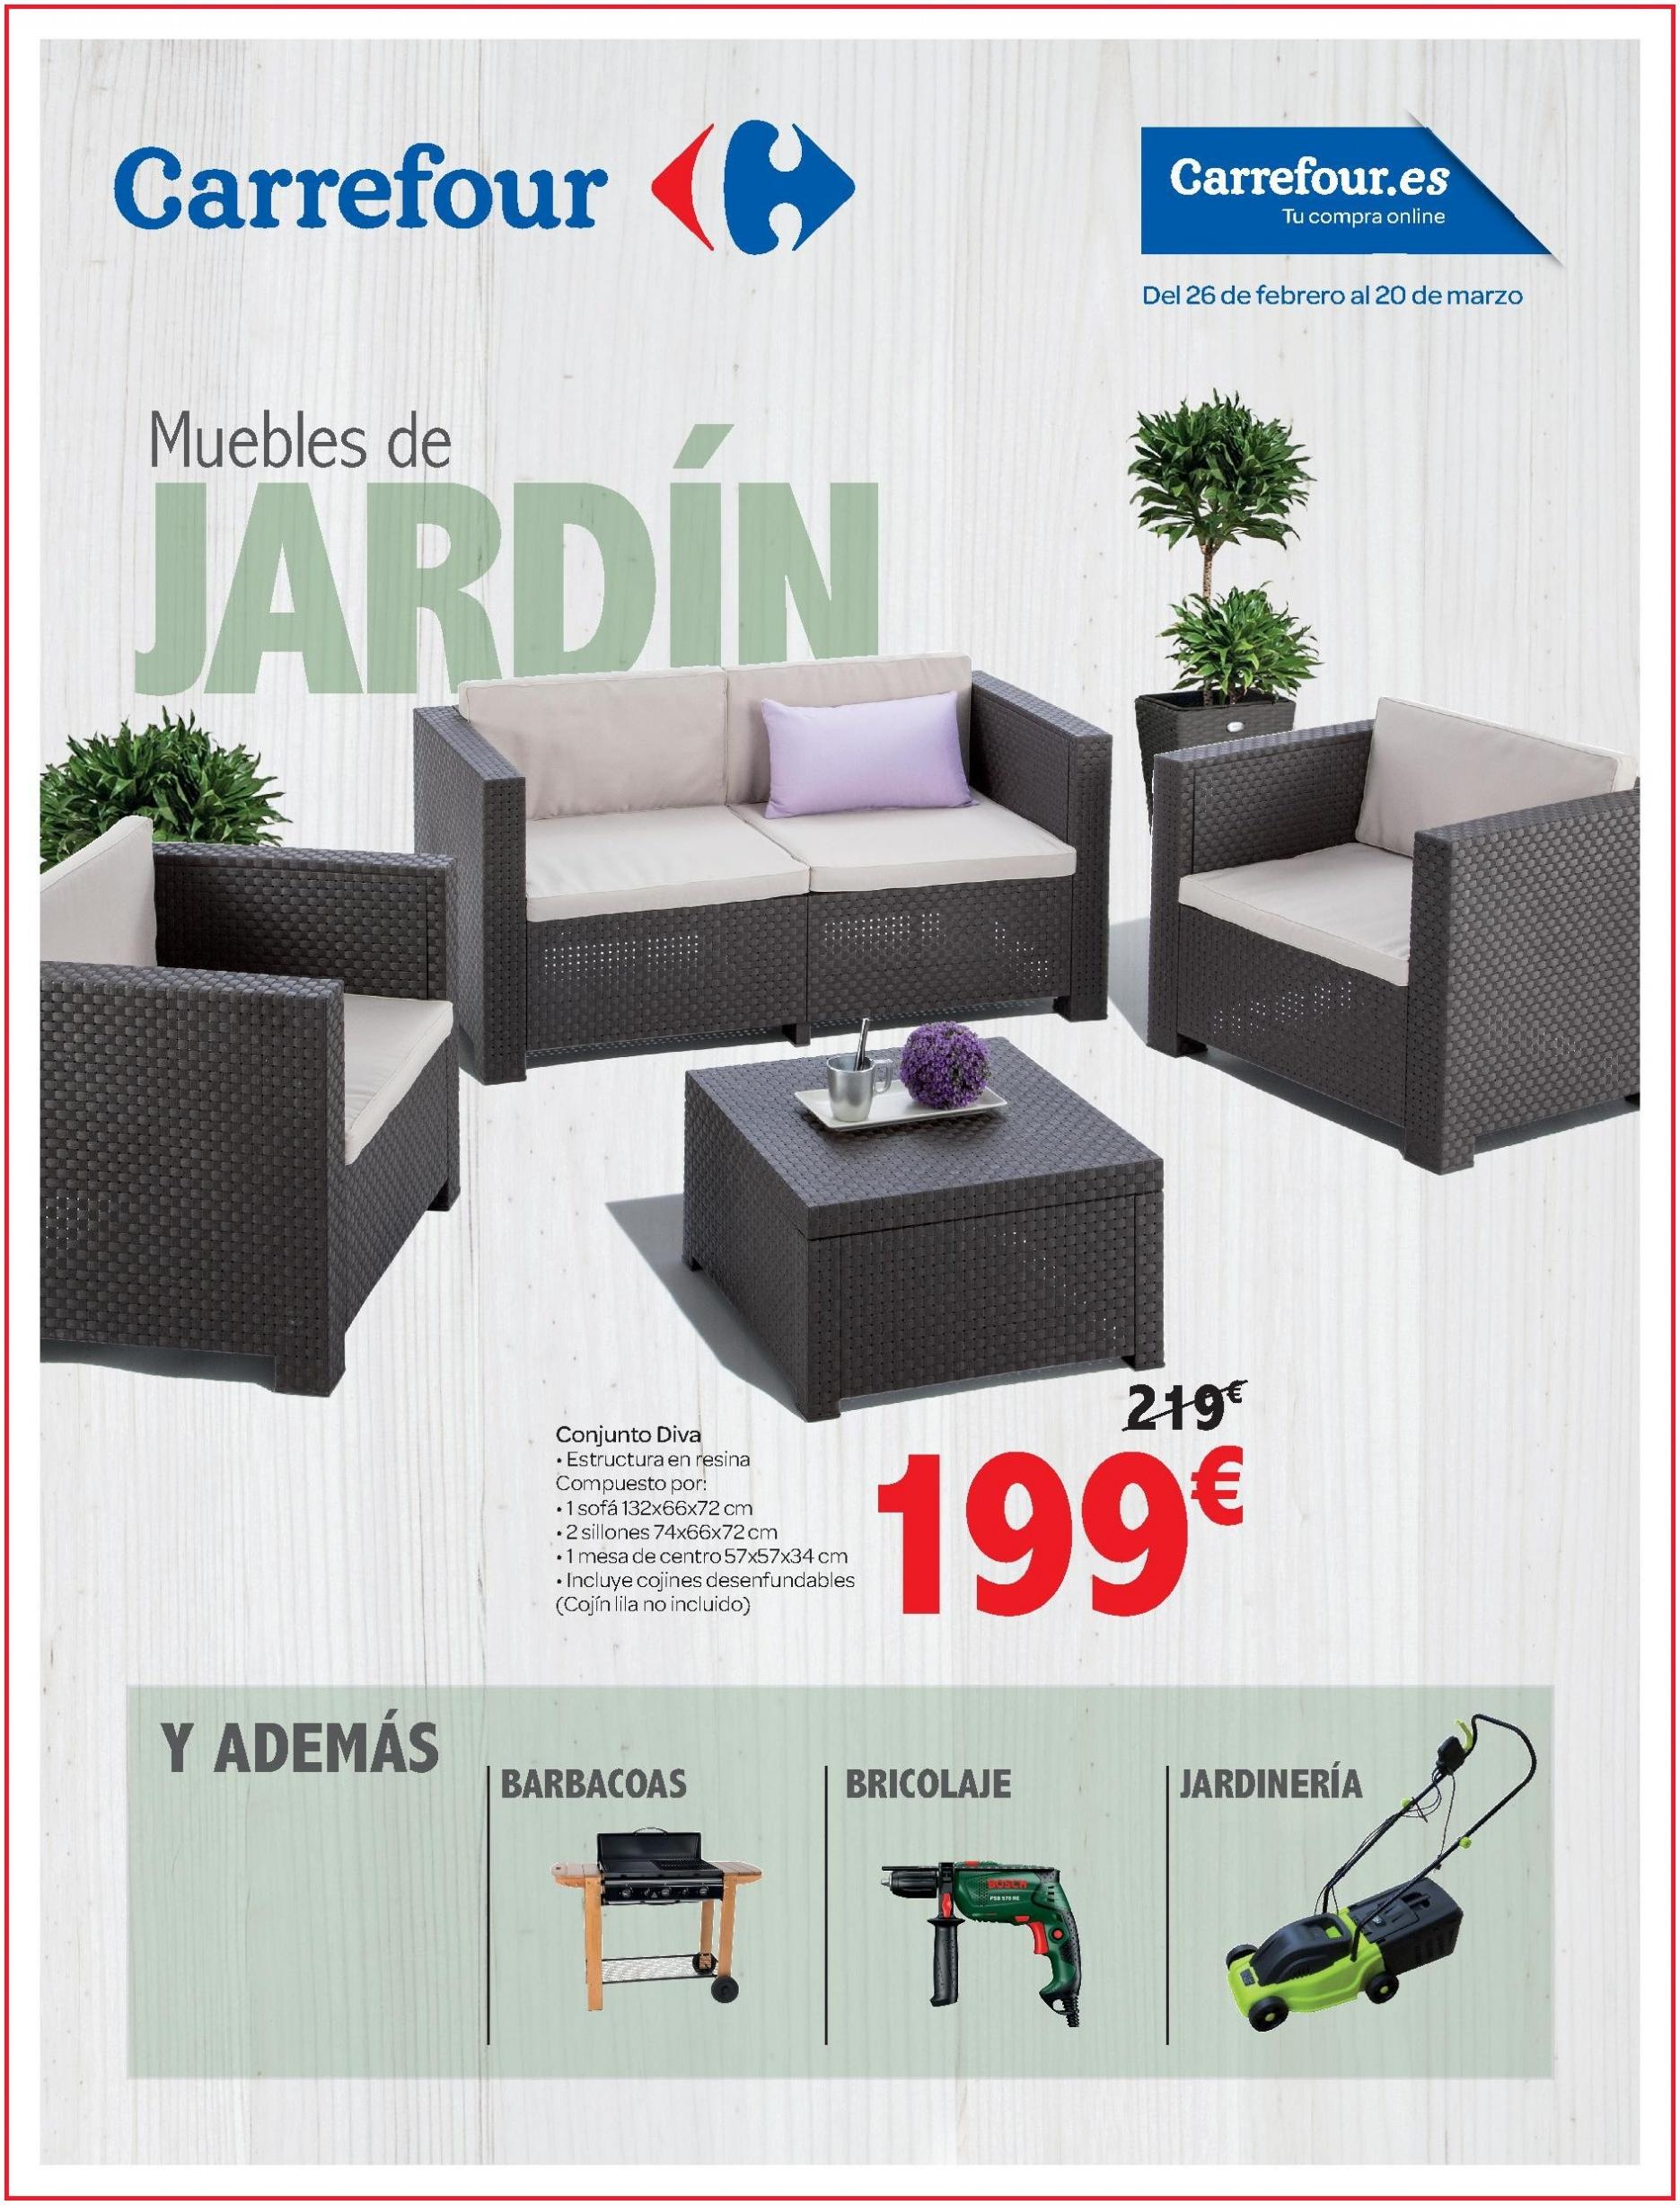 Sillas Exterior Carrefour Y7du Mesas Y Sillas De Jardin Alcampo Bogotaeslacumbre Inicio